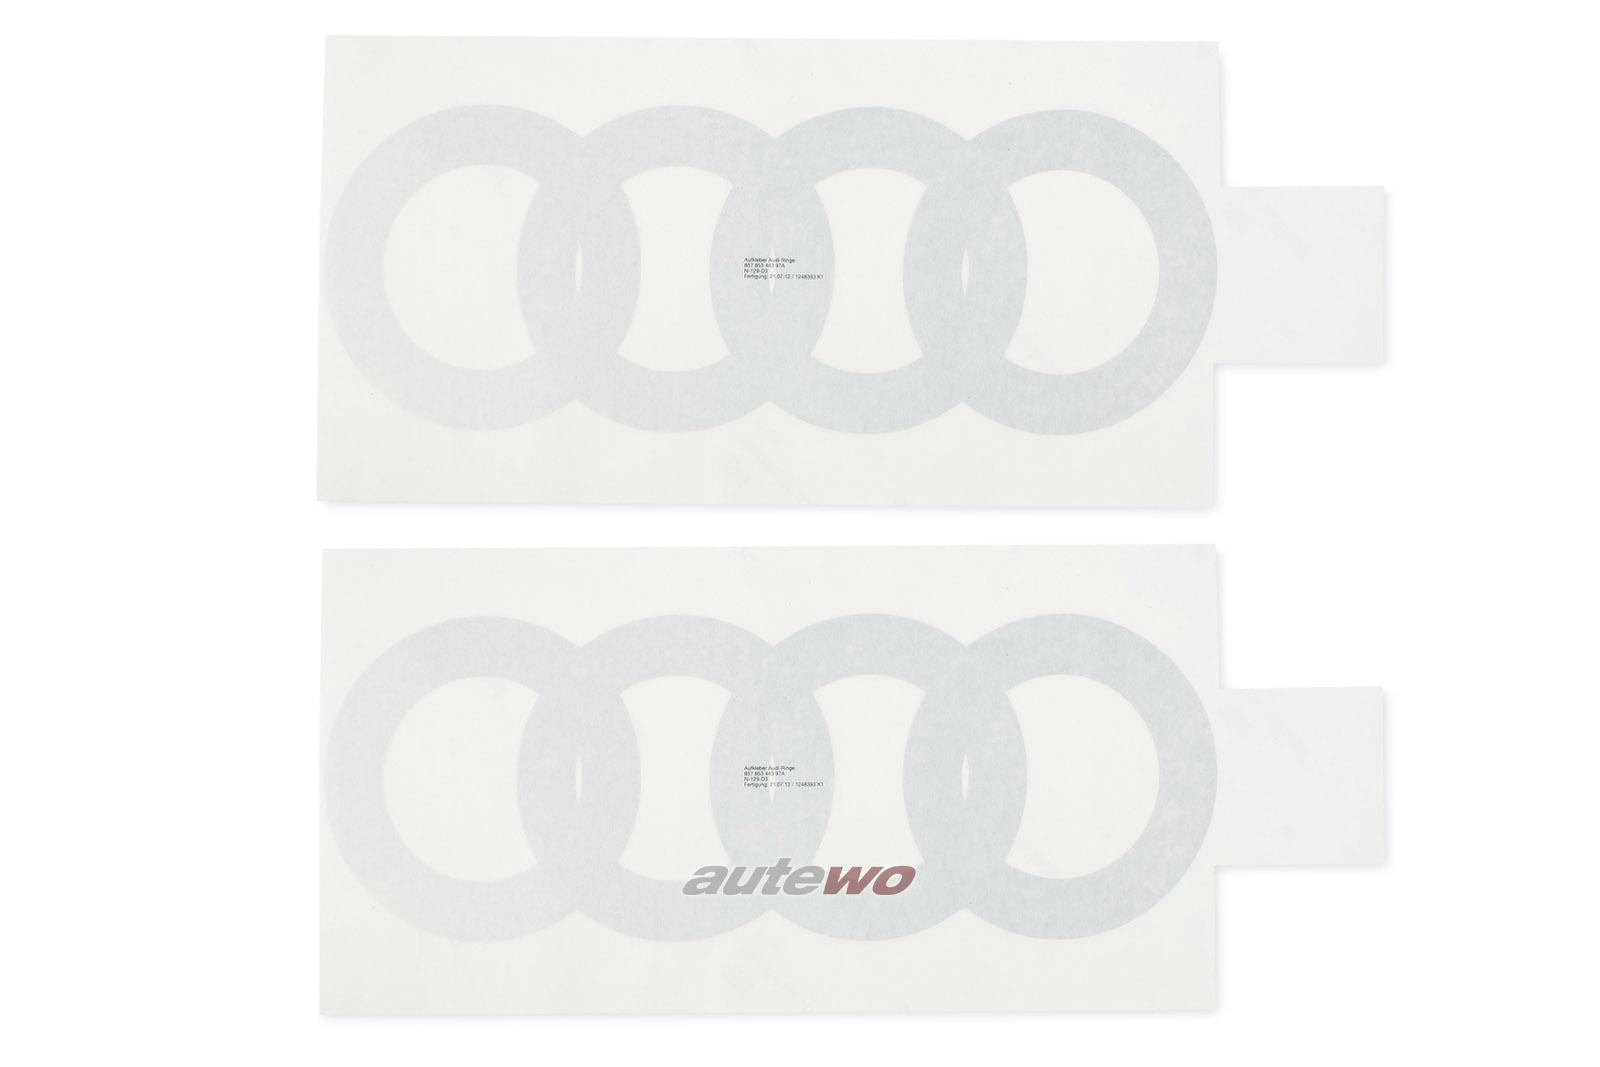 857853443 NEU Audi Urquattro Paar Audiringe für unteren Tür-Bereich silber